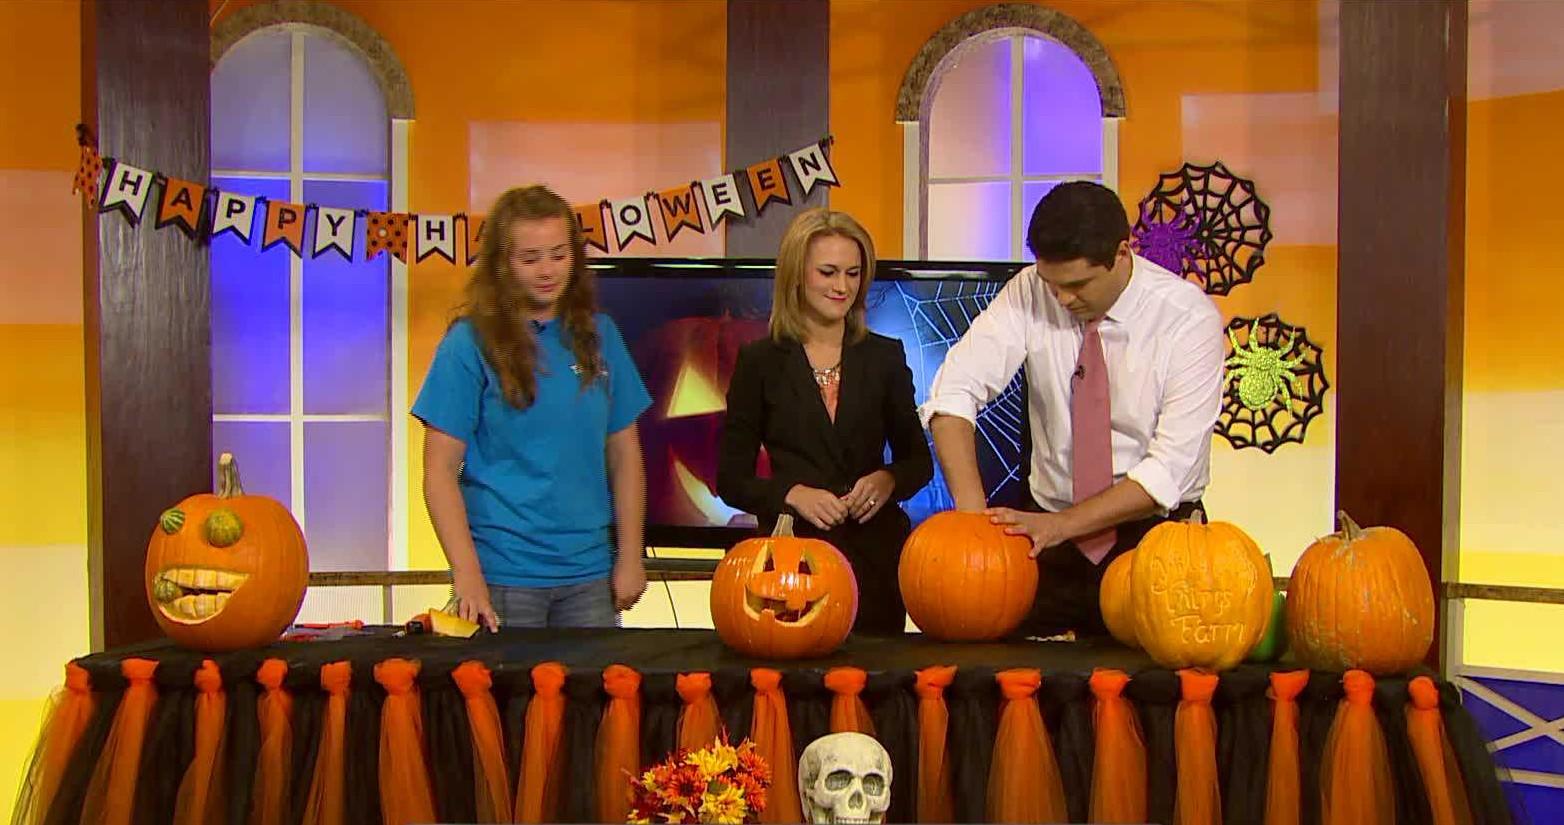 Joe digs out the insides of a pumpkin.